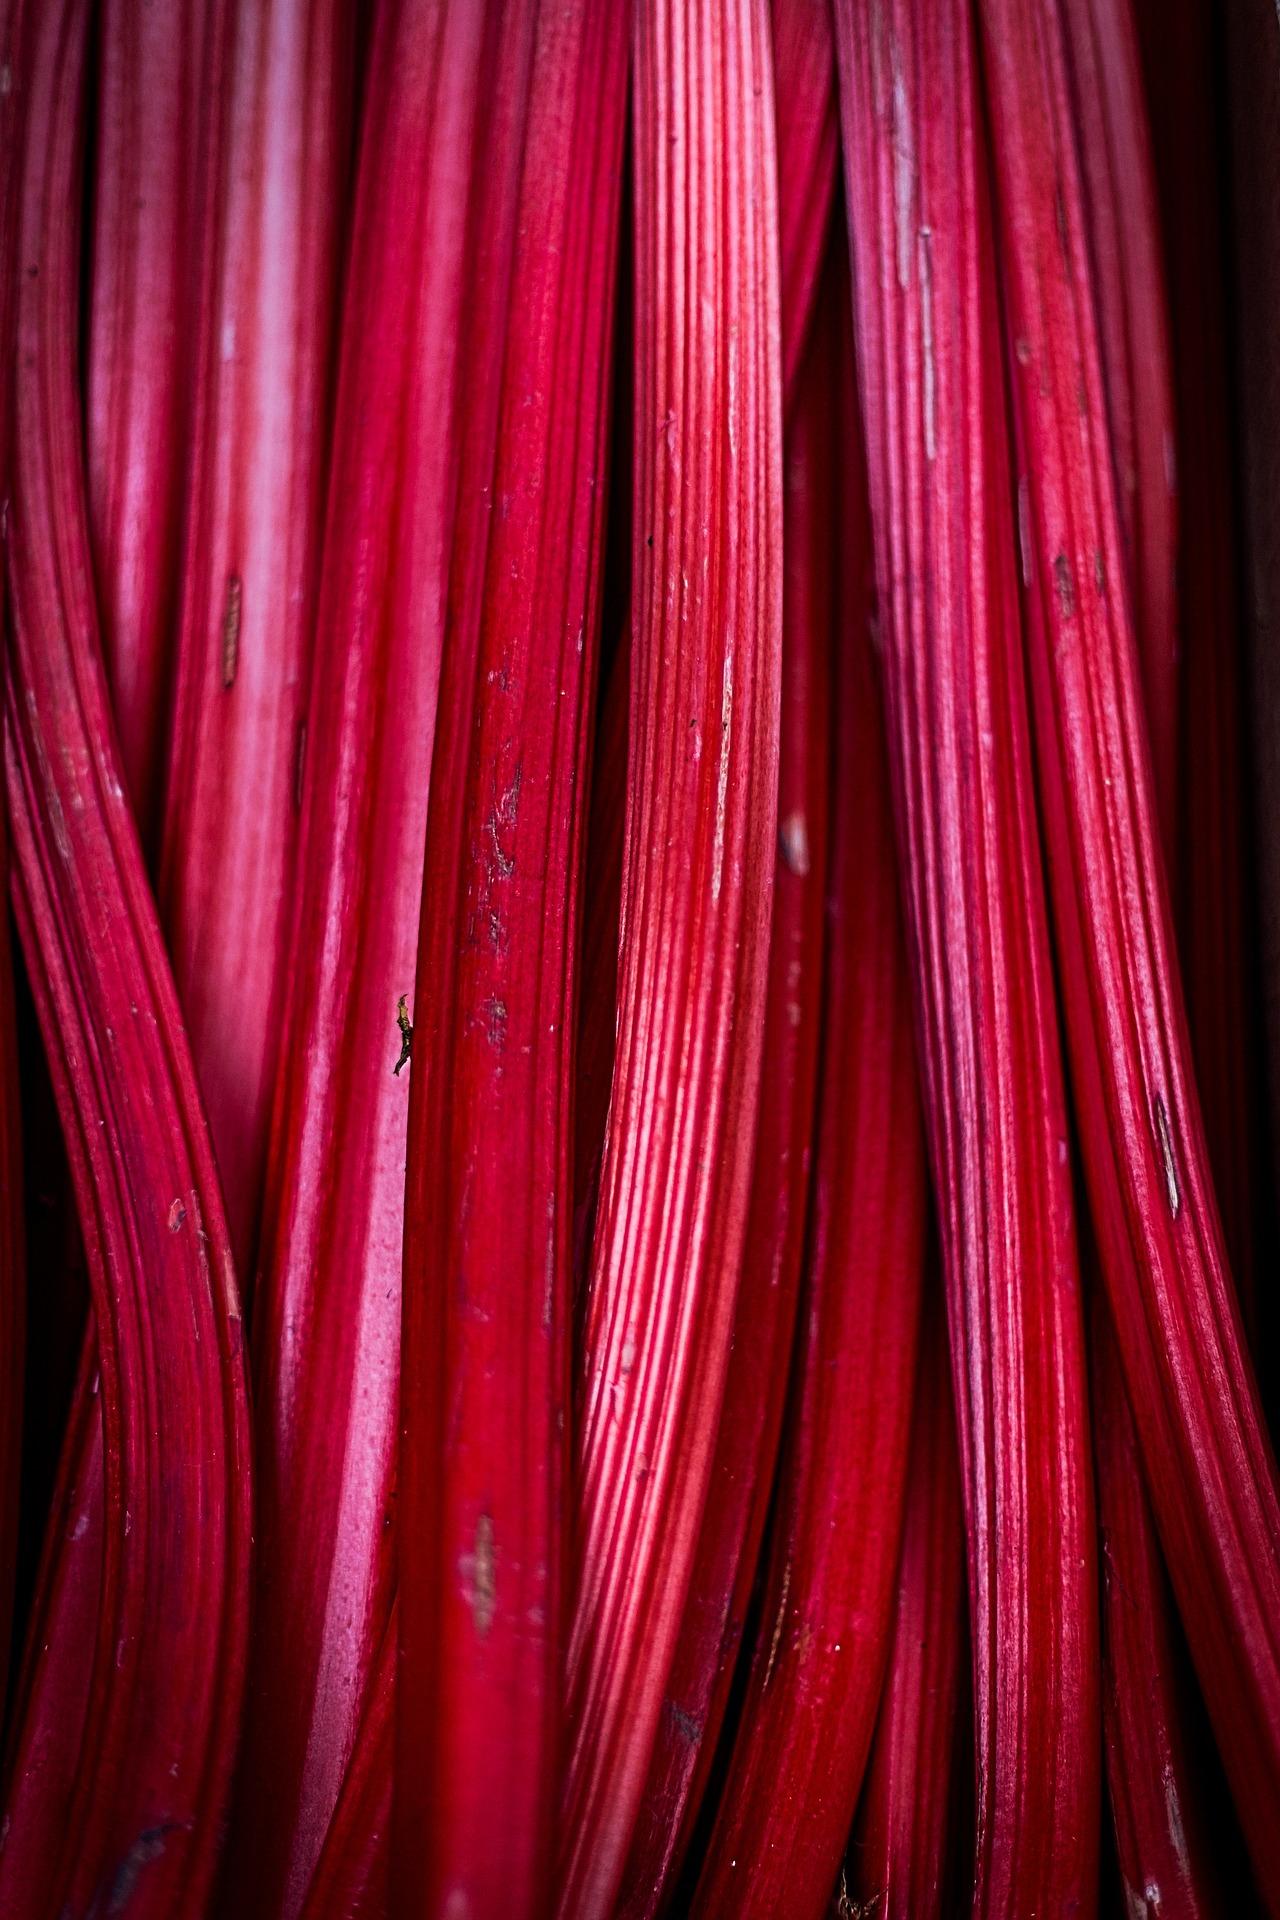 rhubarb-839618_1920.jpg